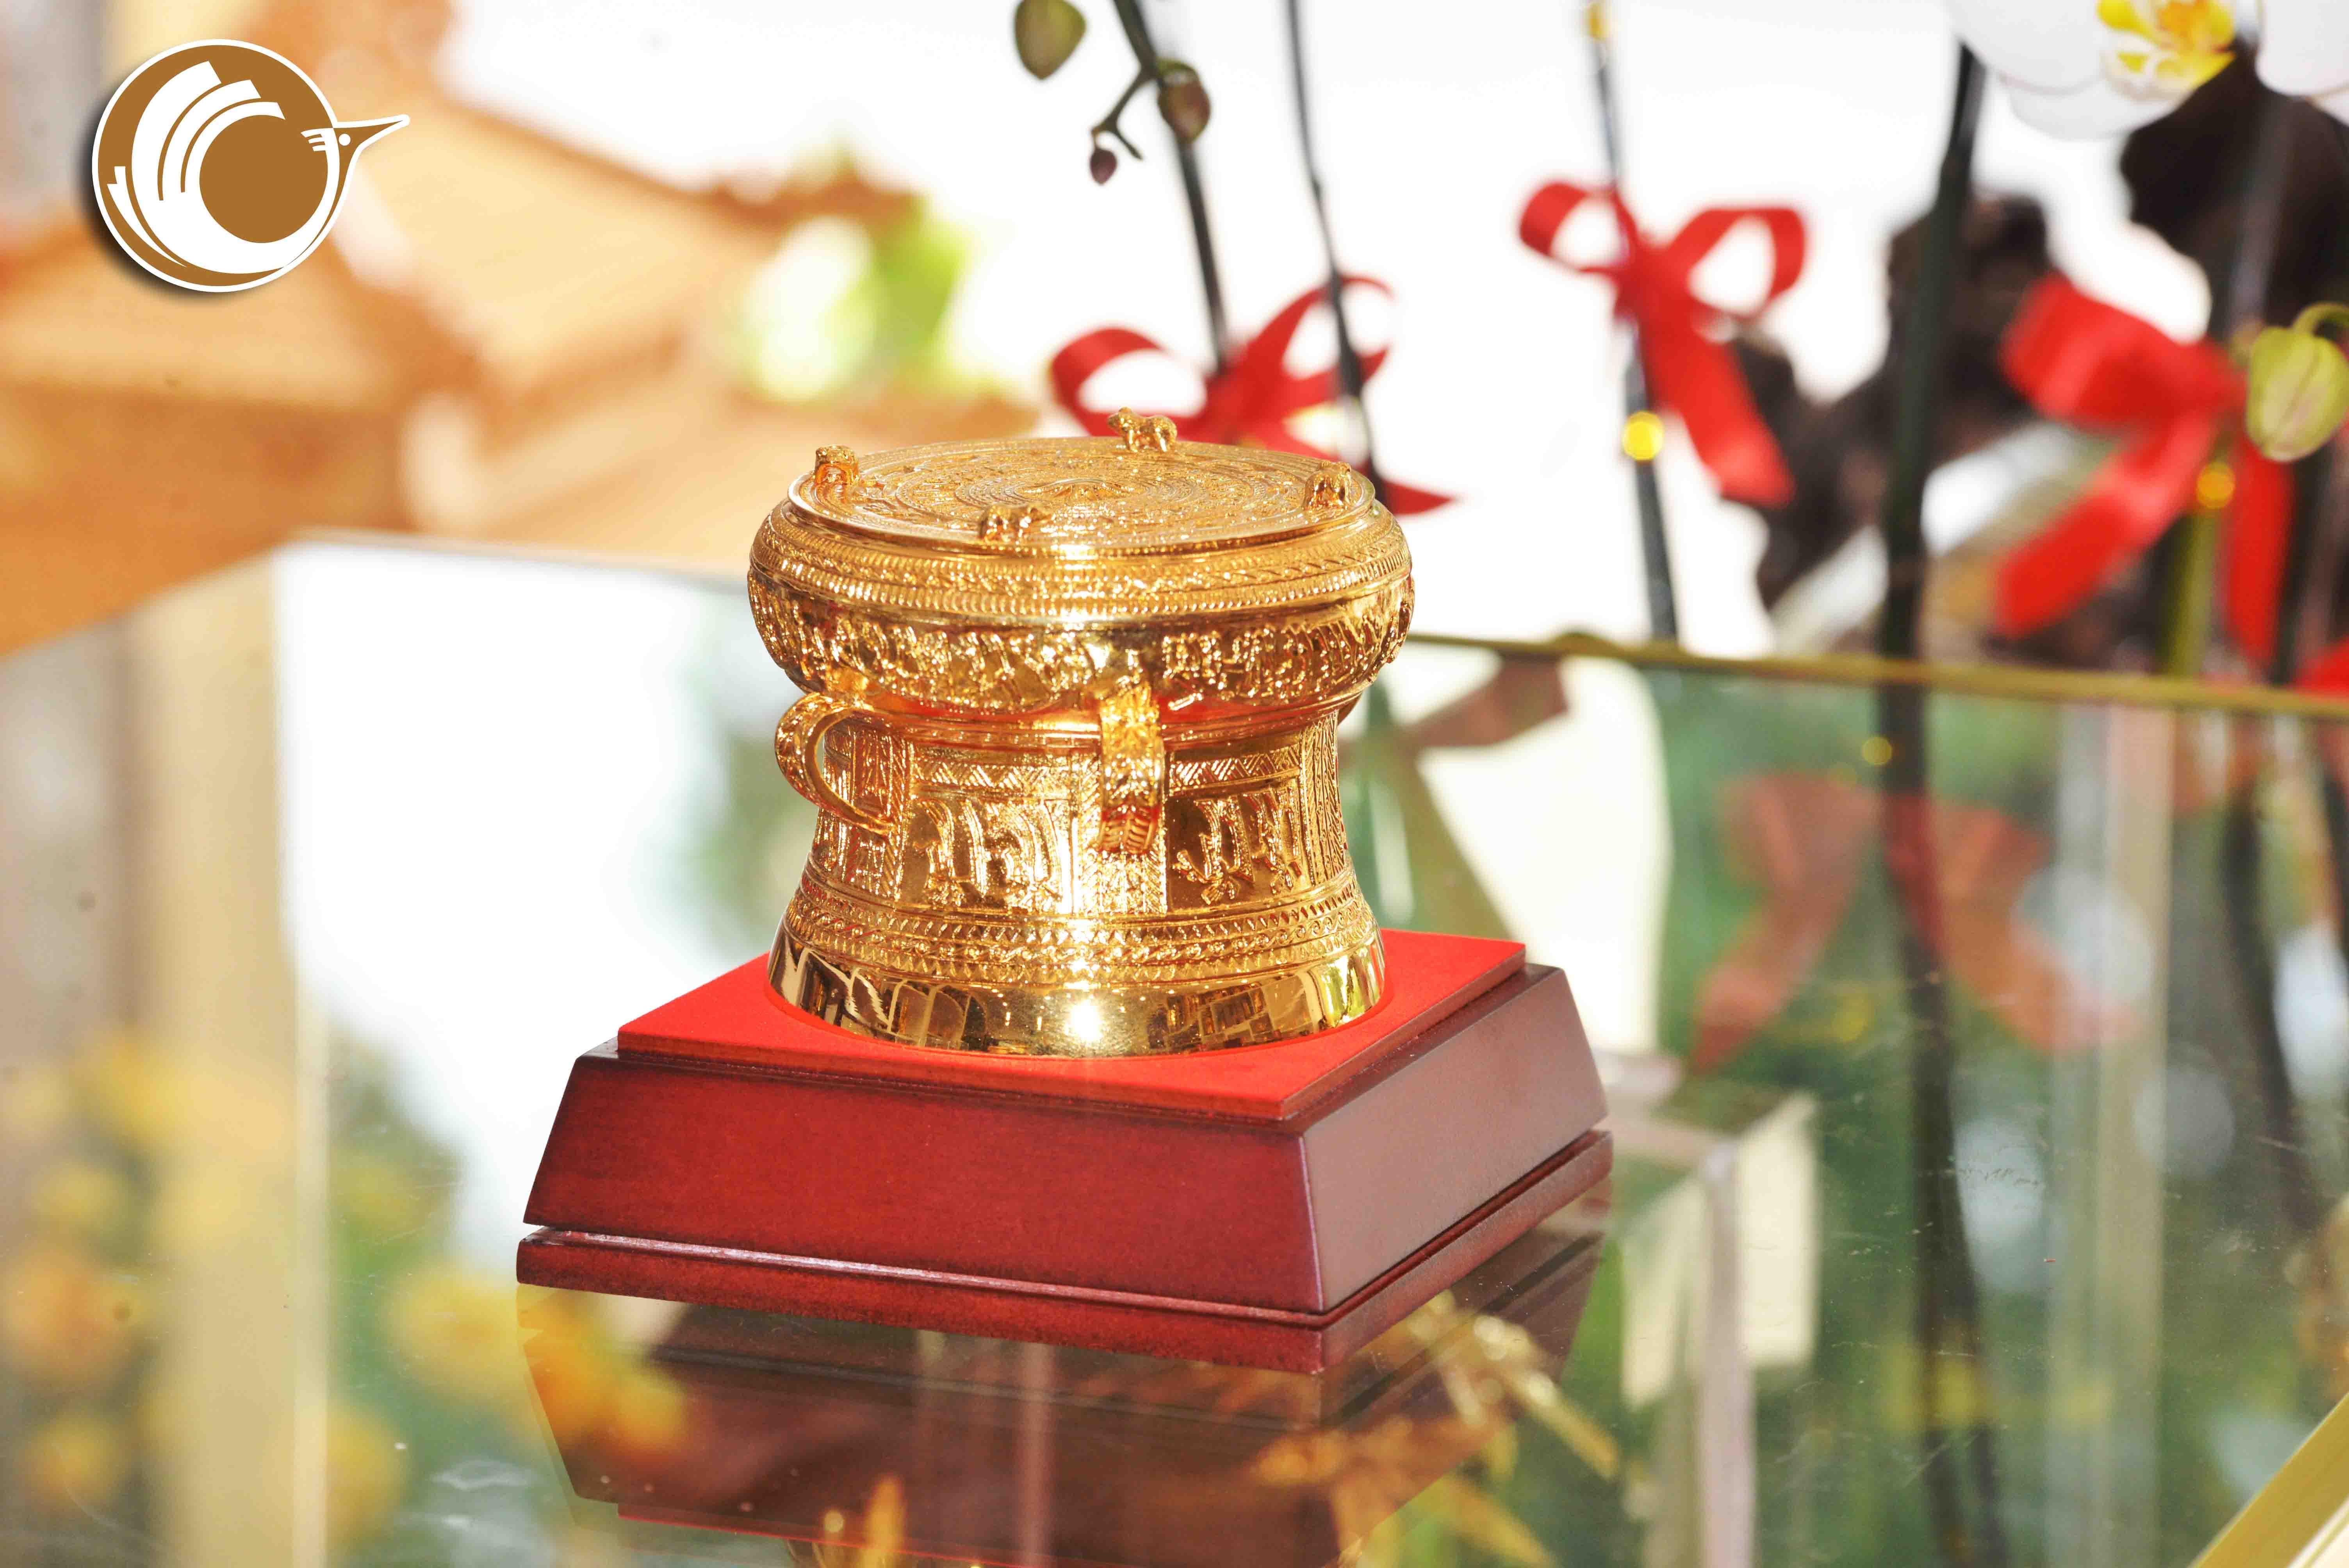 Trống đồng mạ vàng 24k đường kính 8cm0